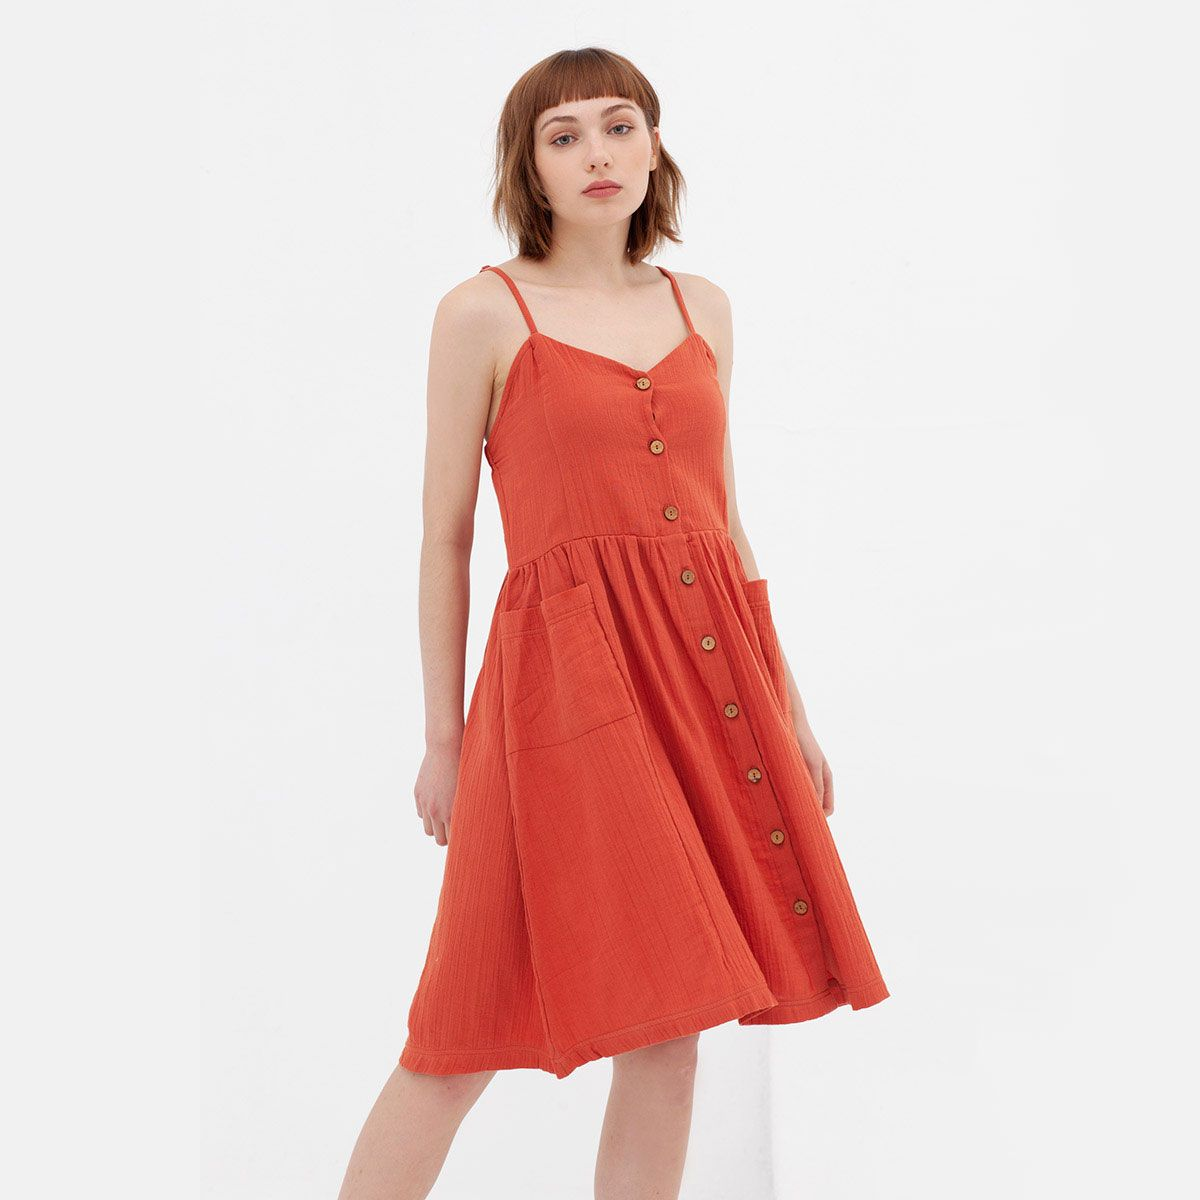 Vestido midi con tirantes de algodón orgánico teja